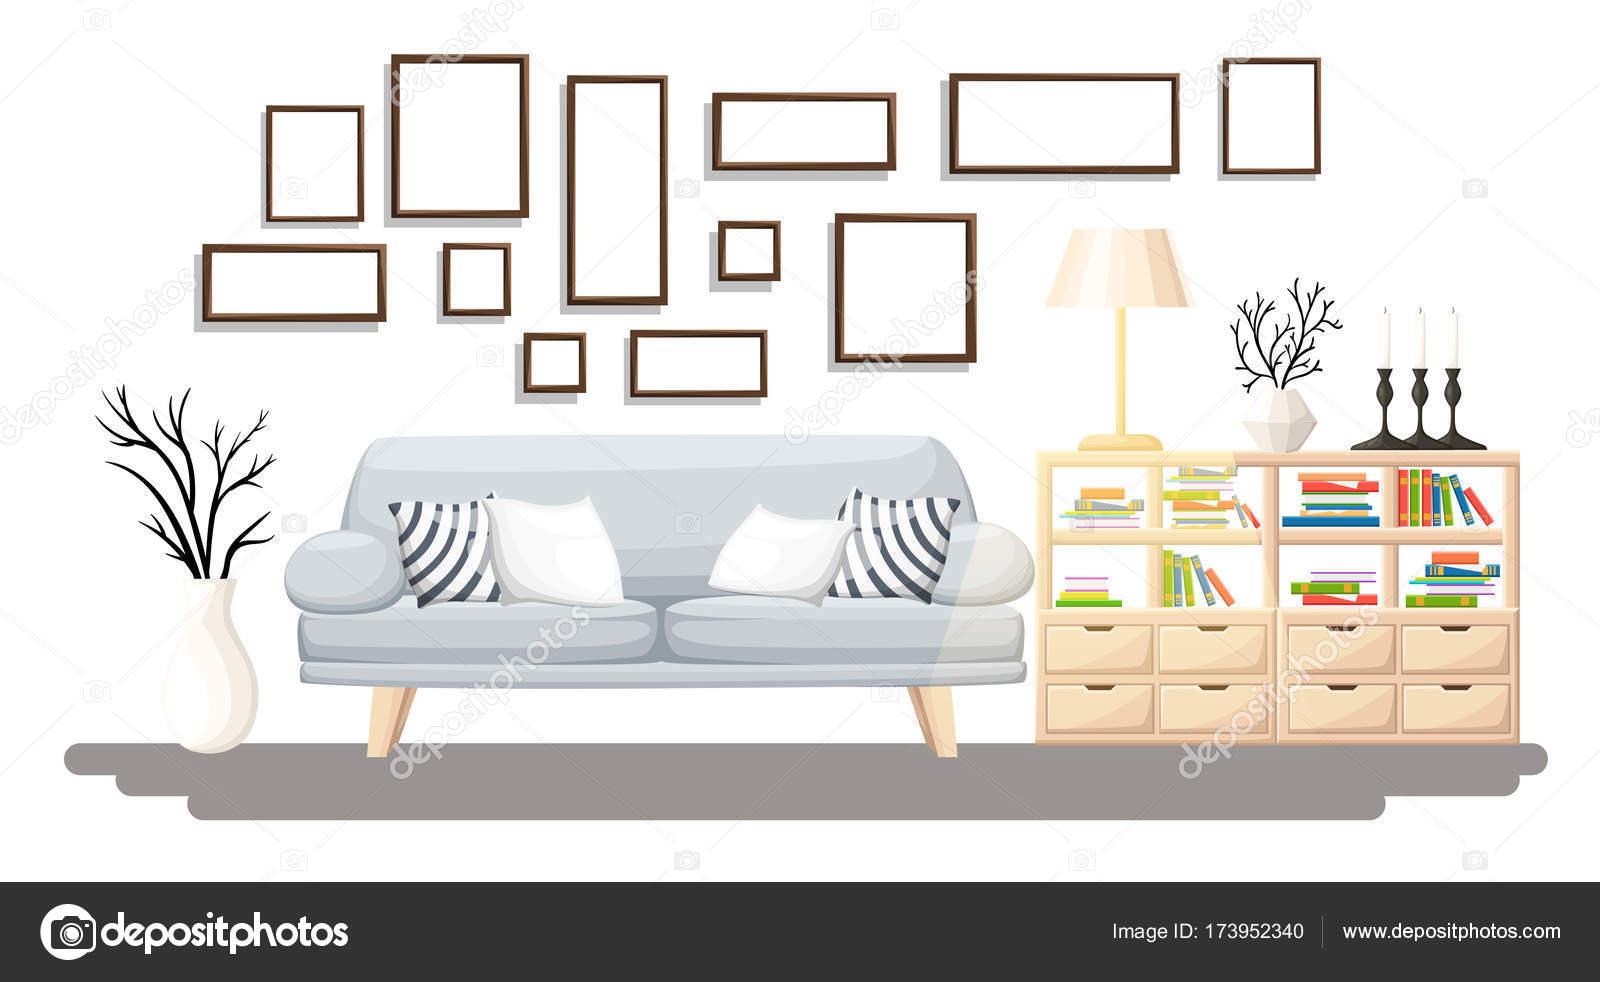 Interior Design. Modernes Wohnzimmer Mit Grauen Sofa, Vase, Regal Mit  Büchern Und Stehleuchte